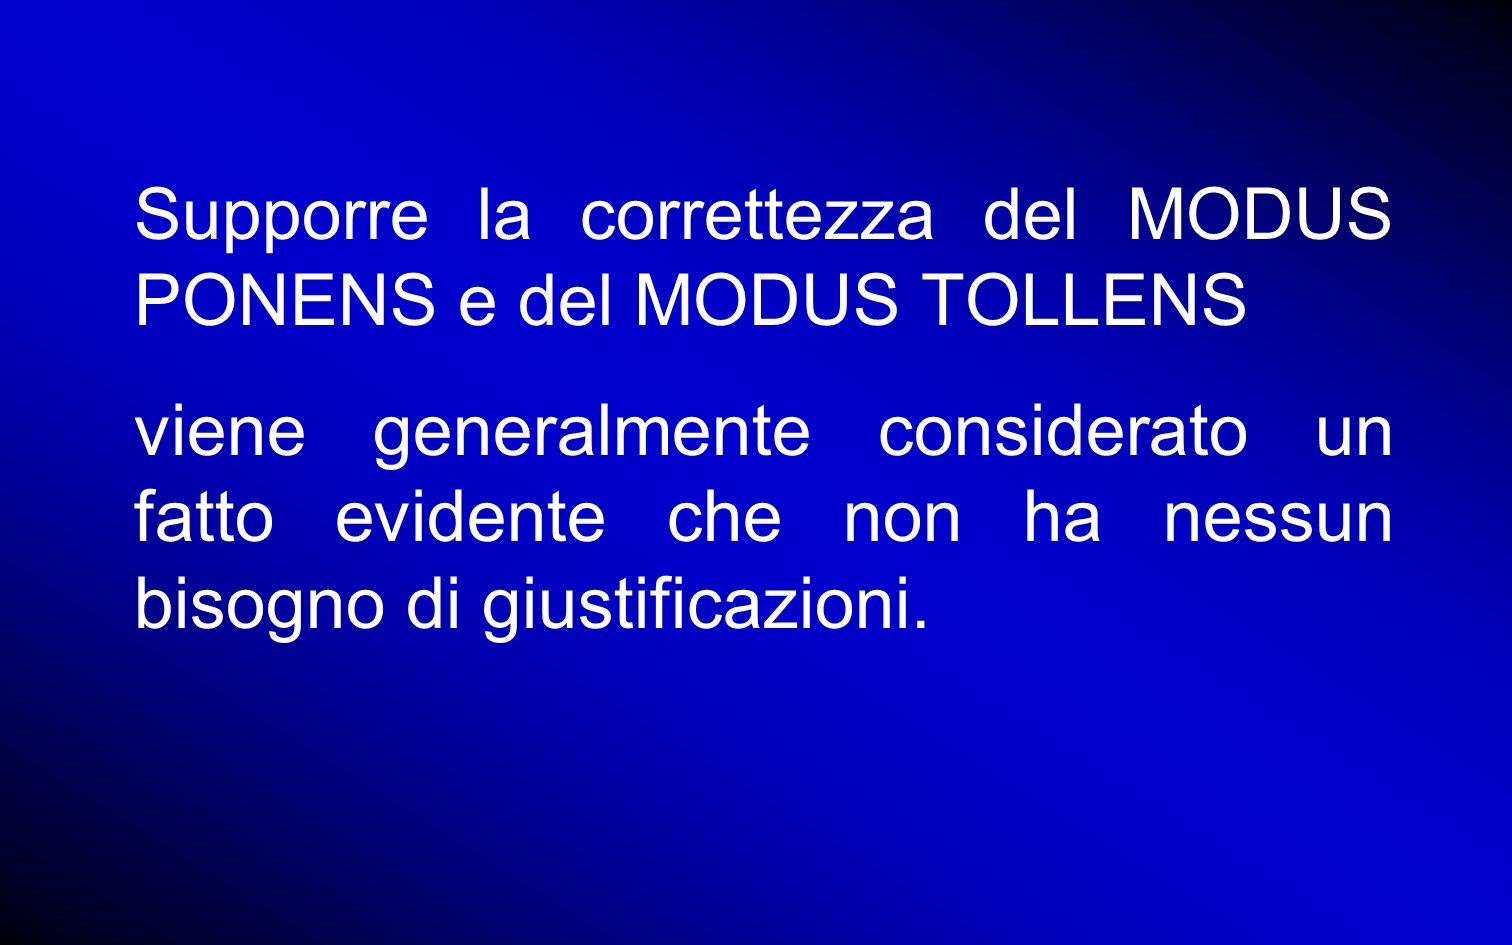 Supporre la correttezza del MODUS PONENS e del MODUS TOLLENS